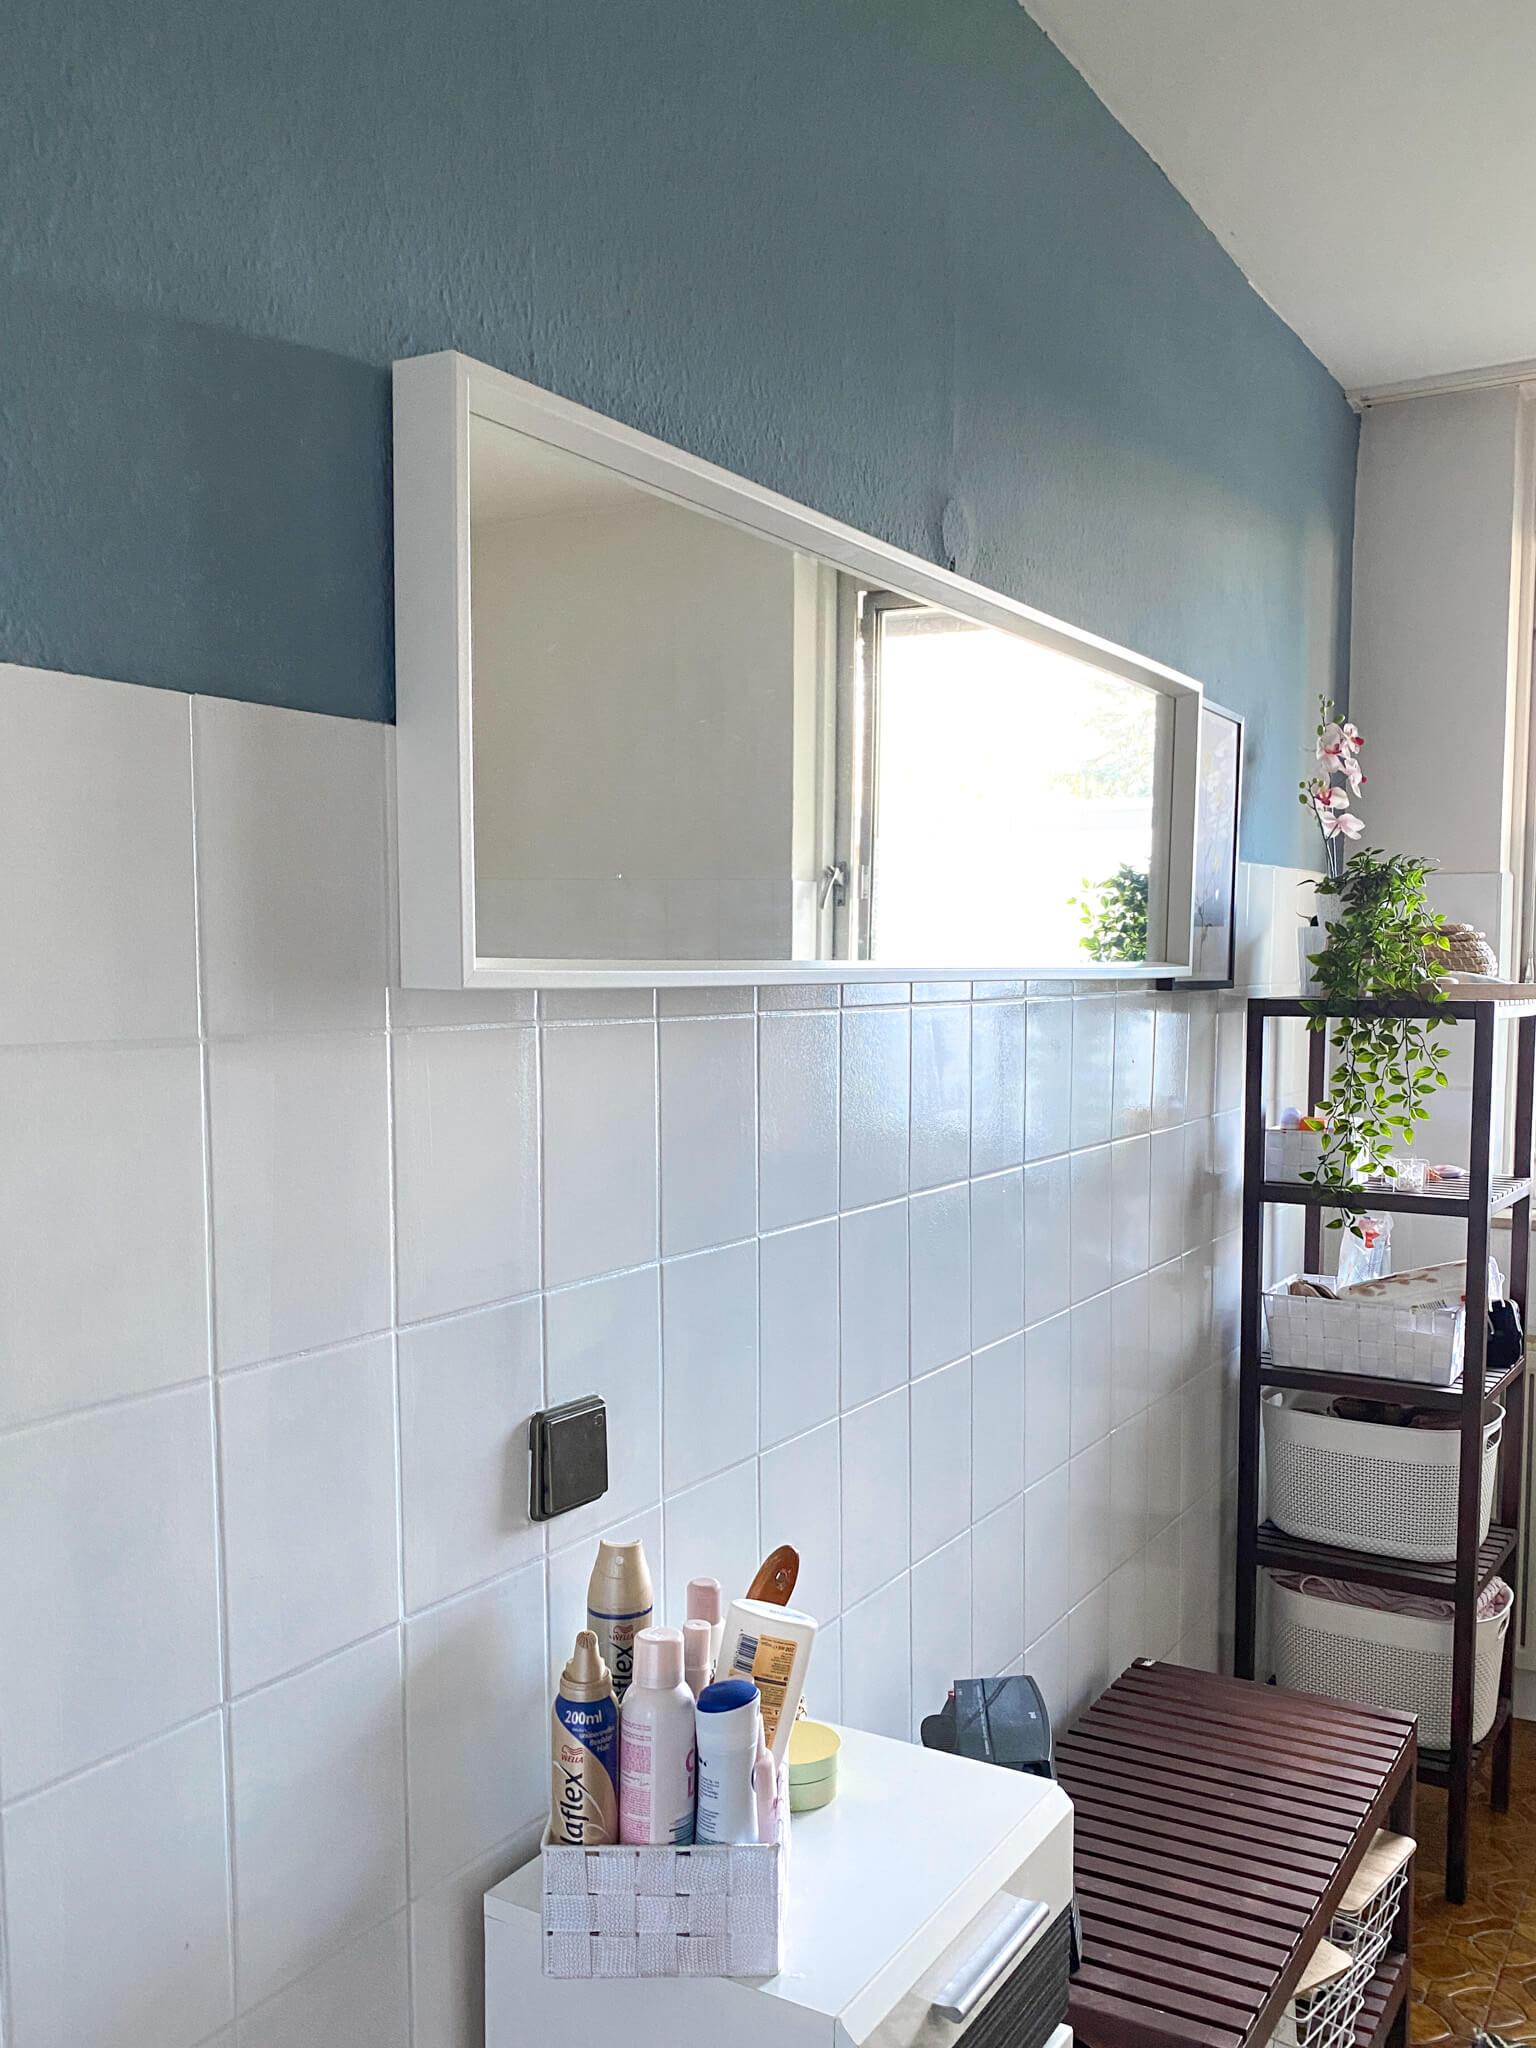 Badfliesen Streichen Badezimmer streichen